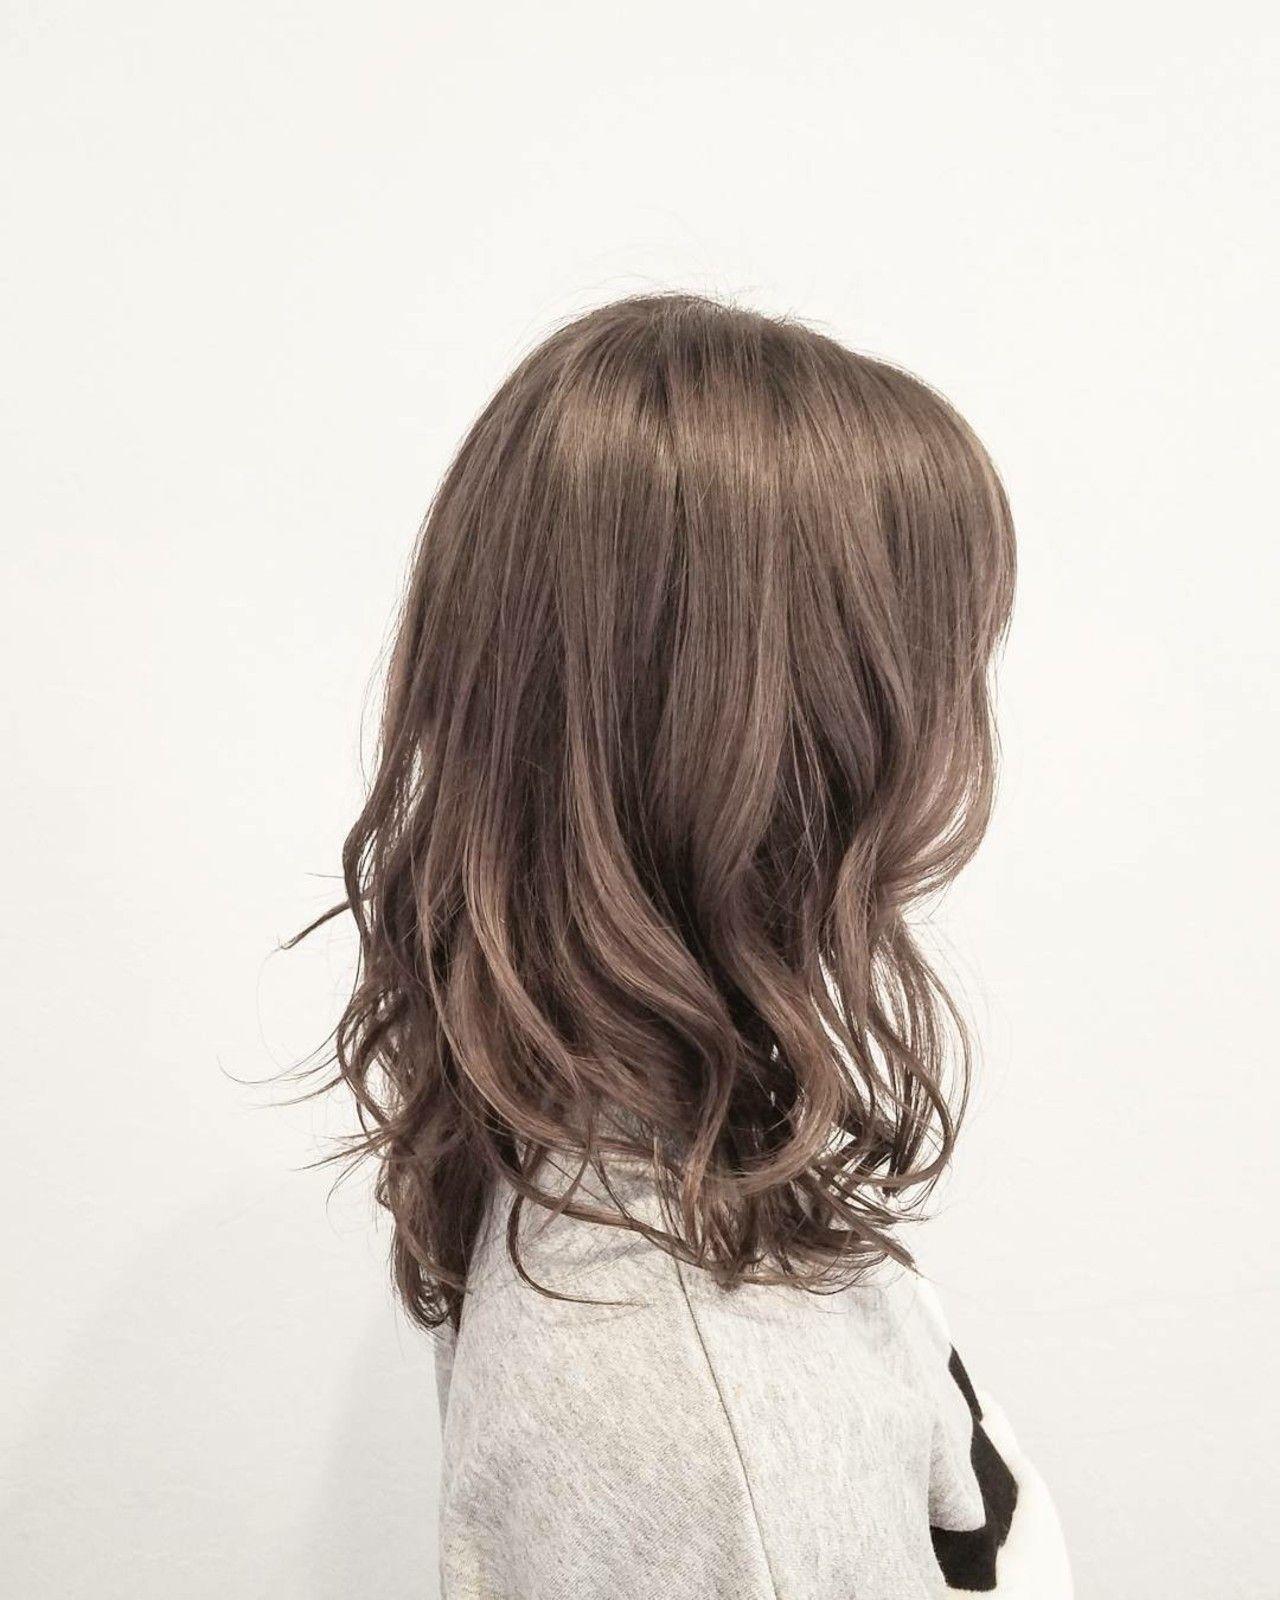 モテる女子は髪の毛がきれい♡コンディショナーでうる艶ヘアになろうの4枚目の画像